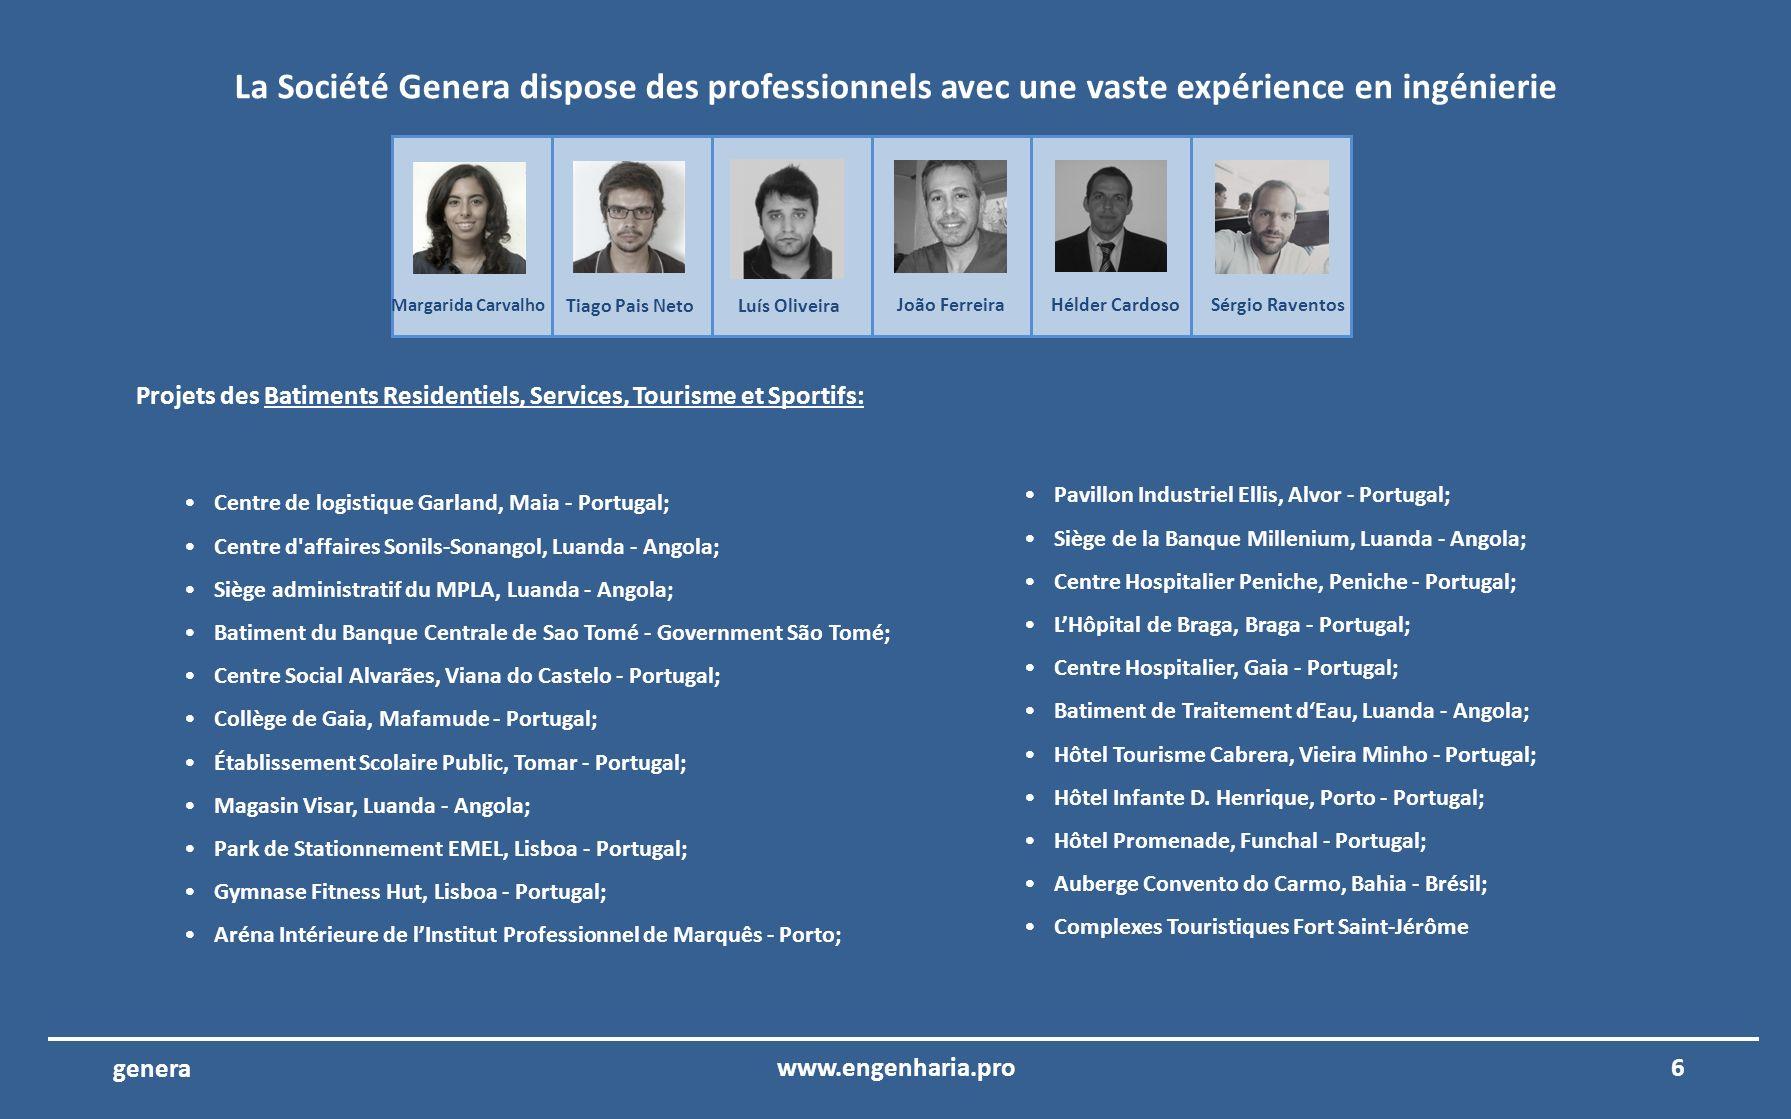 5www.engenharia.pro genera La Société Genera dispose dans son équipe, professionnels avec une vaste expérience en ingénierie 1 – Gestion technique et